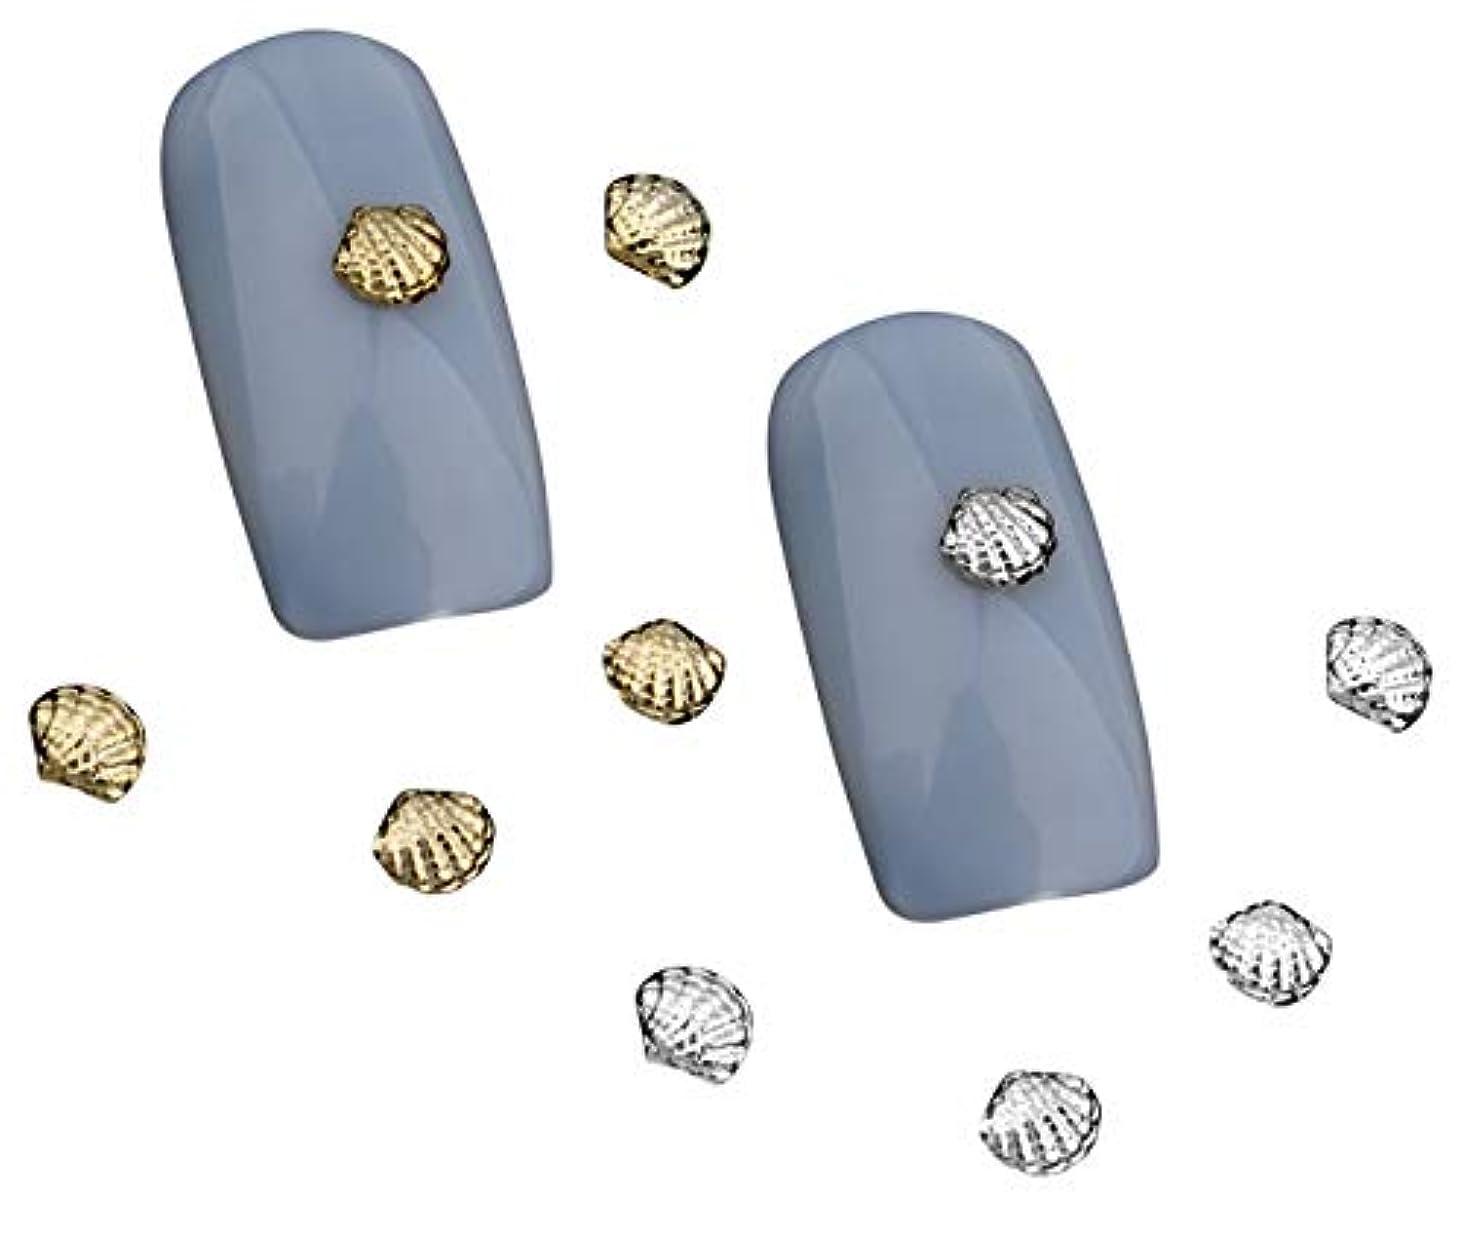 雇用者くしゃみ手がかりTianmey シェル3Dゴールドシルバー合金ネイルズアートラインストーンの装飾チャームジュエリーネイルツール